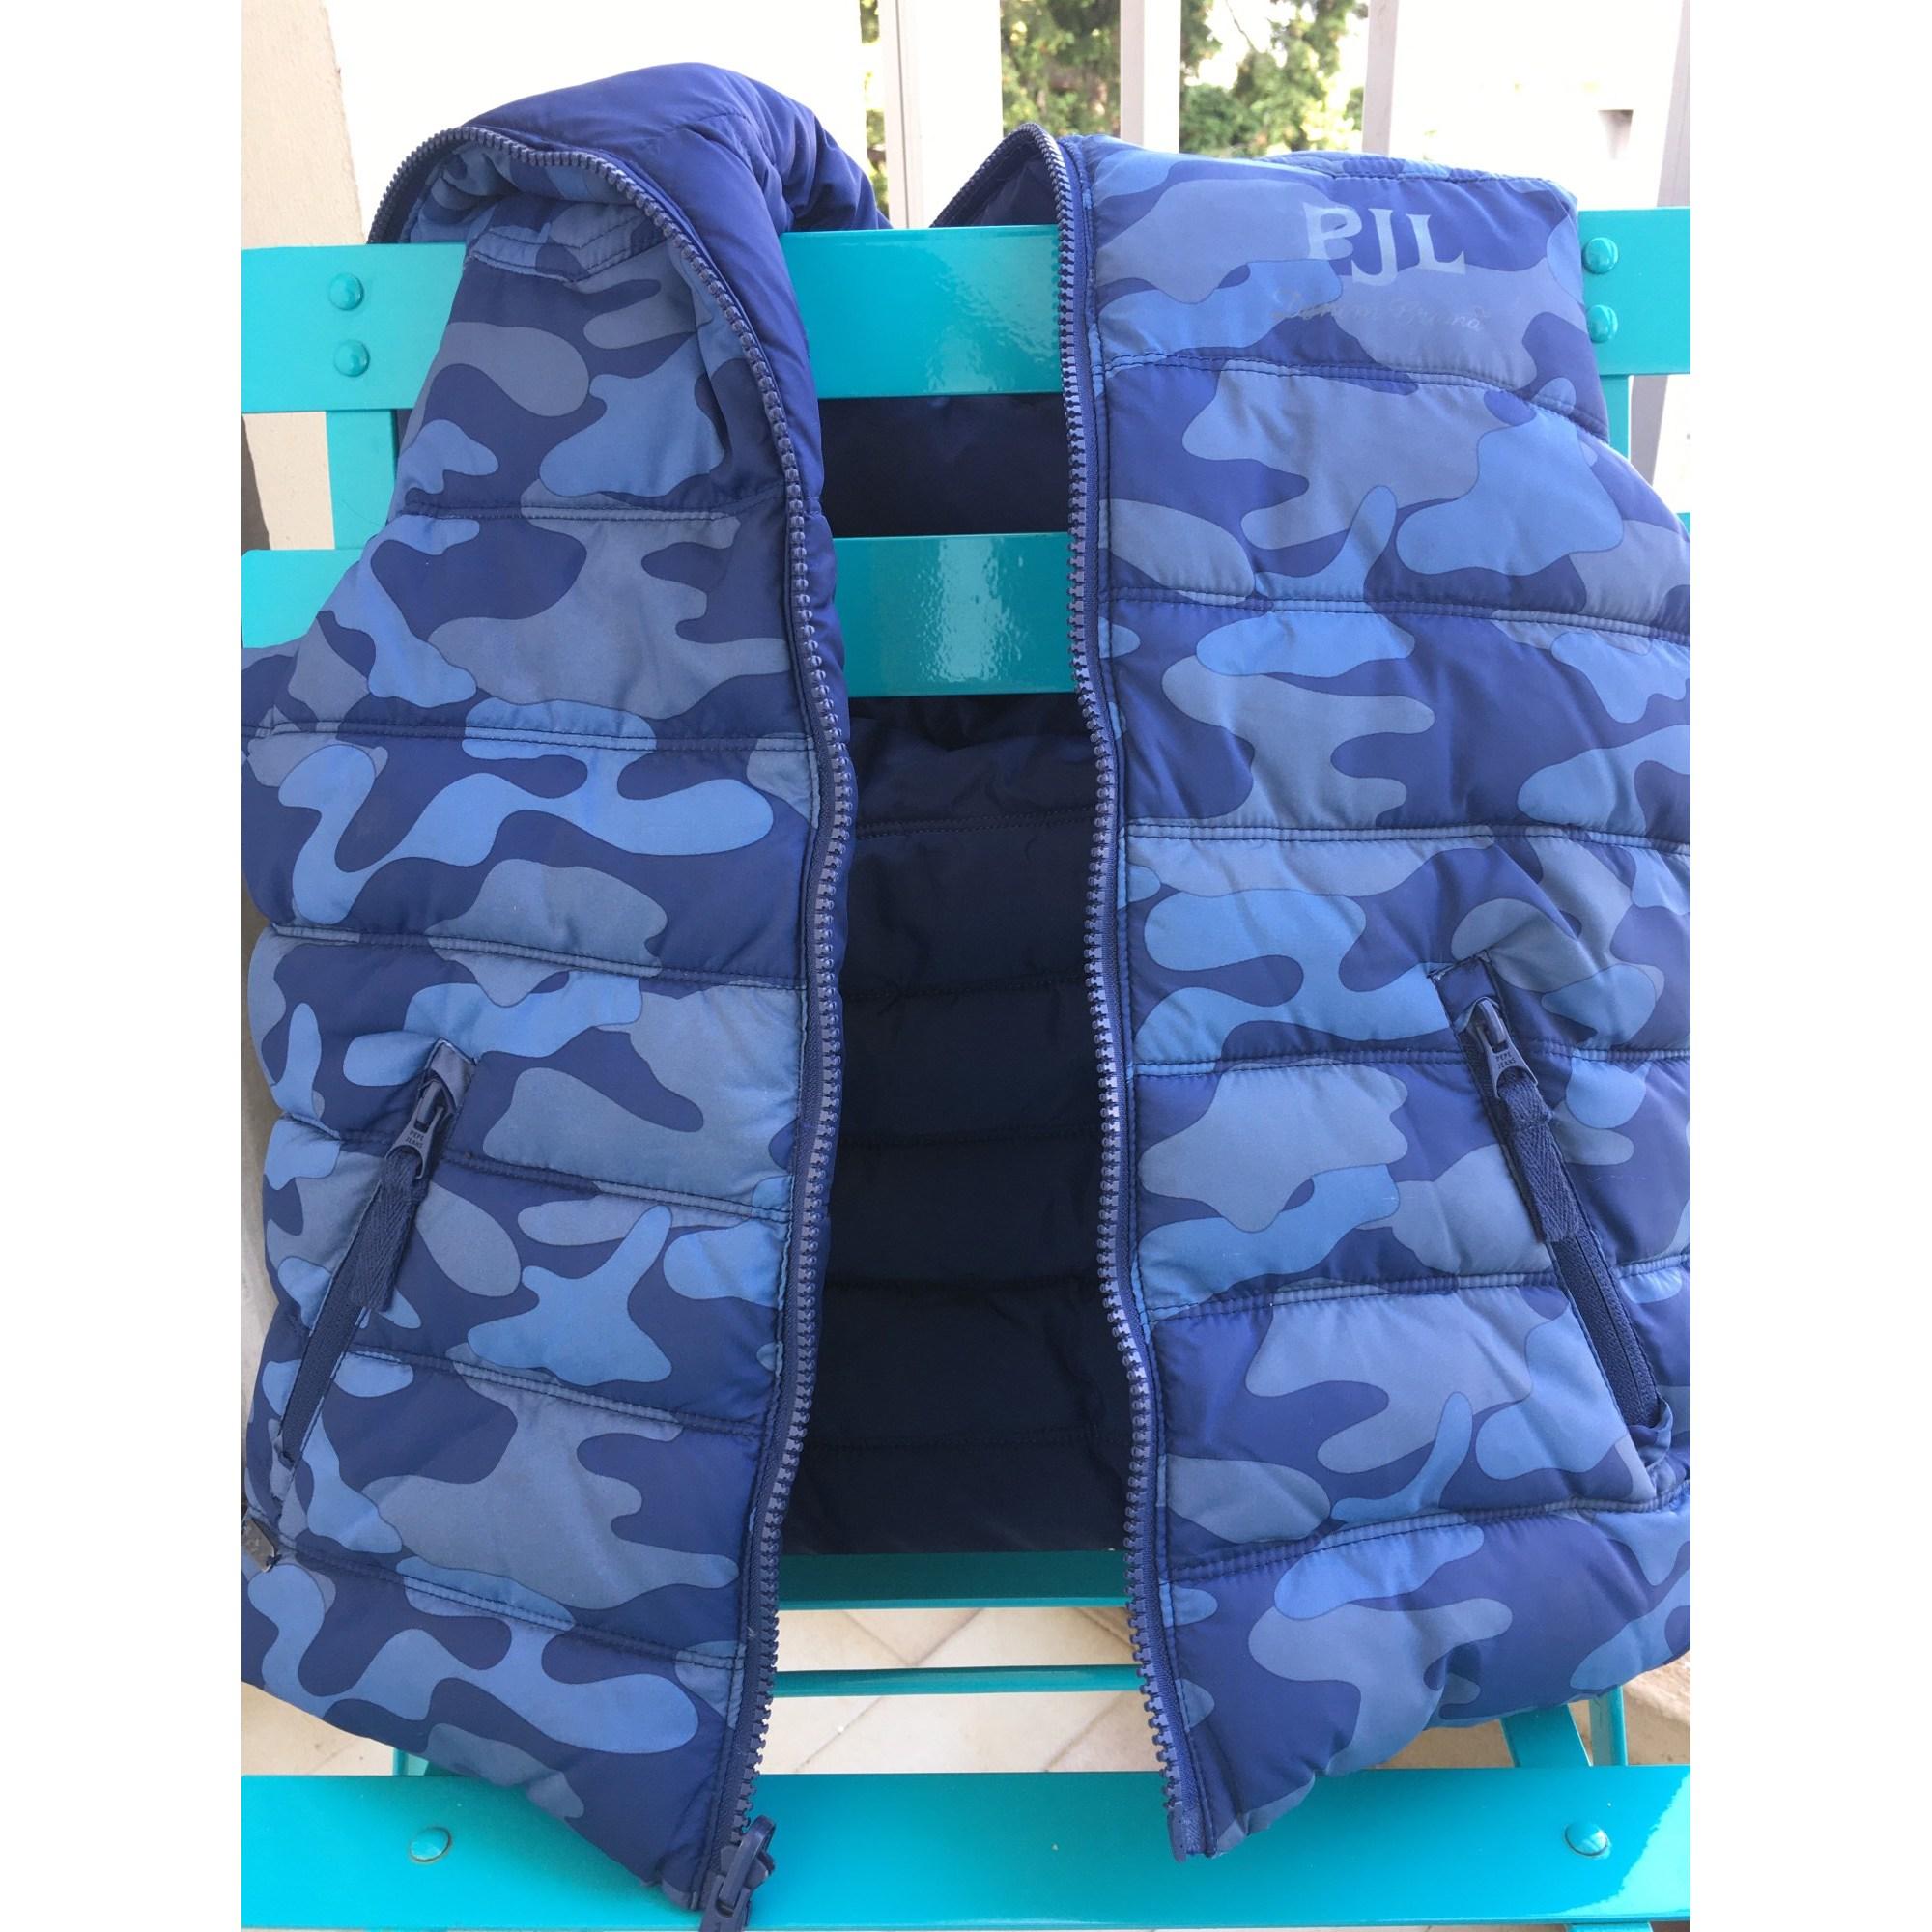 Doudoune PEPE JEANS Bleu, bleu marine, bleu turquoise